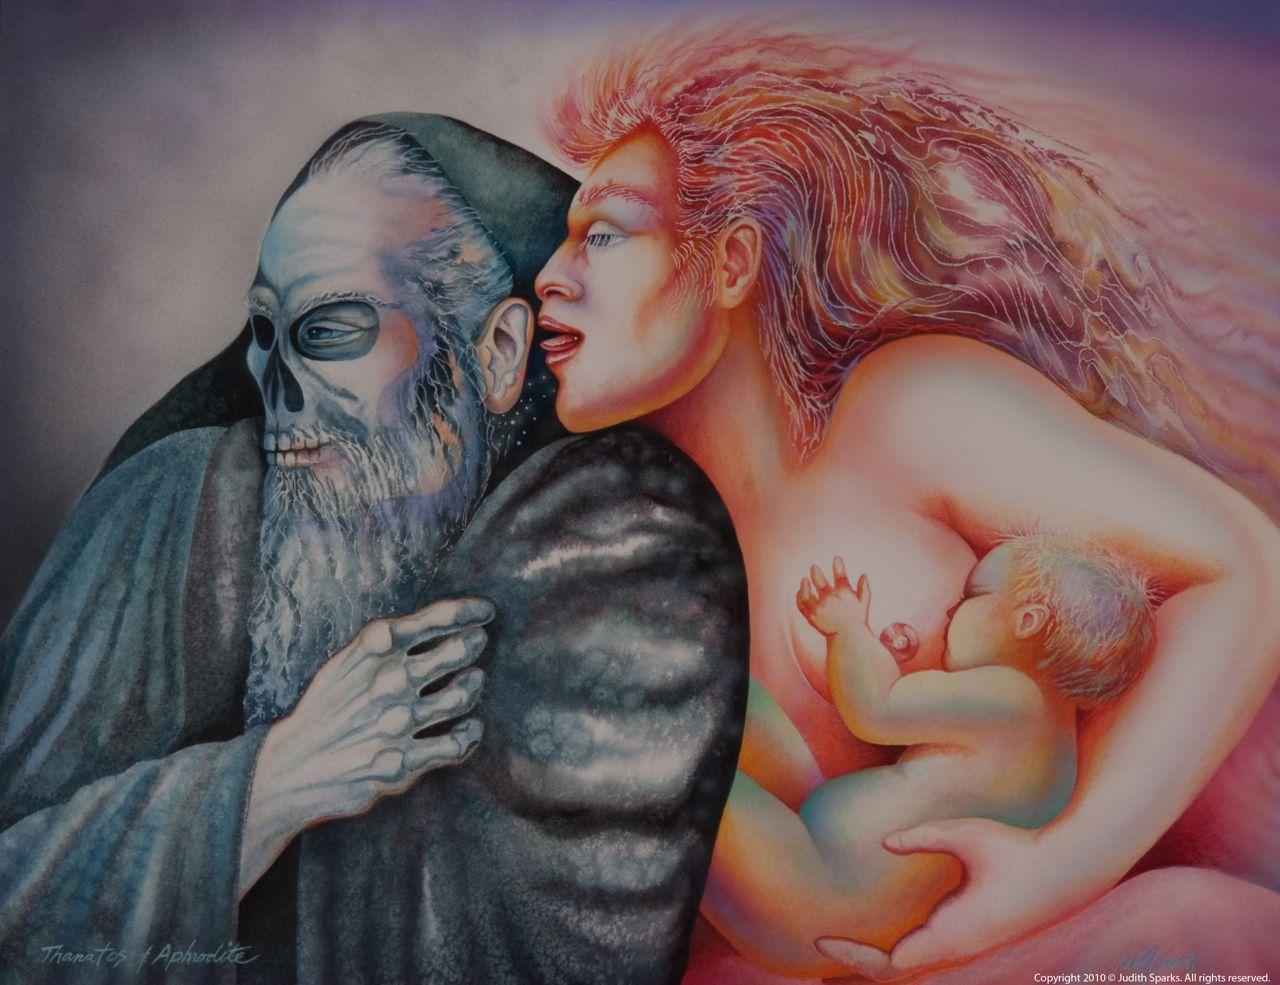 Aphrodite & Thanatos